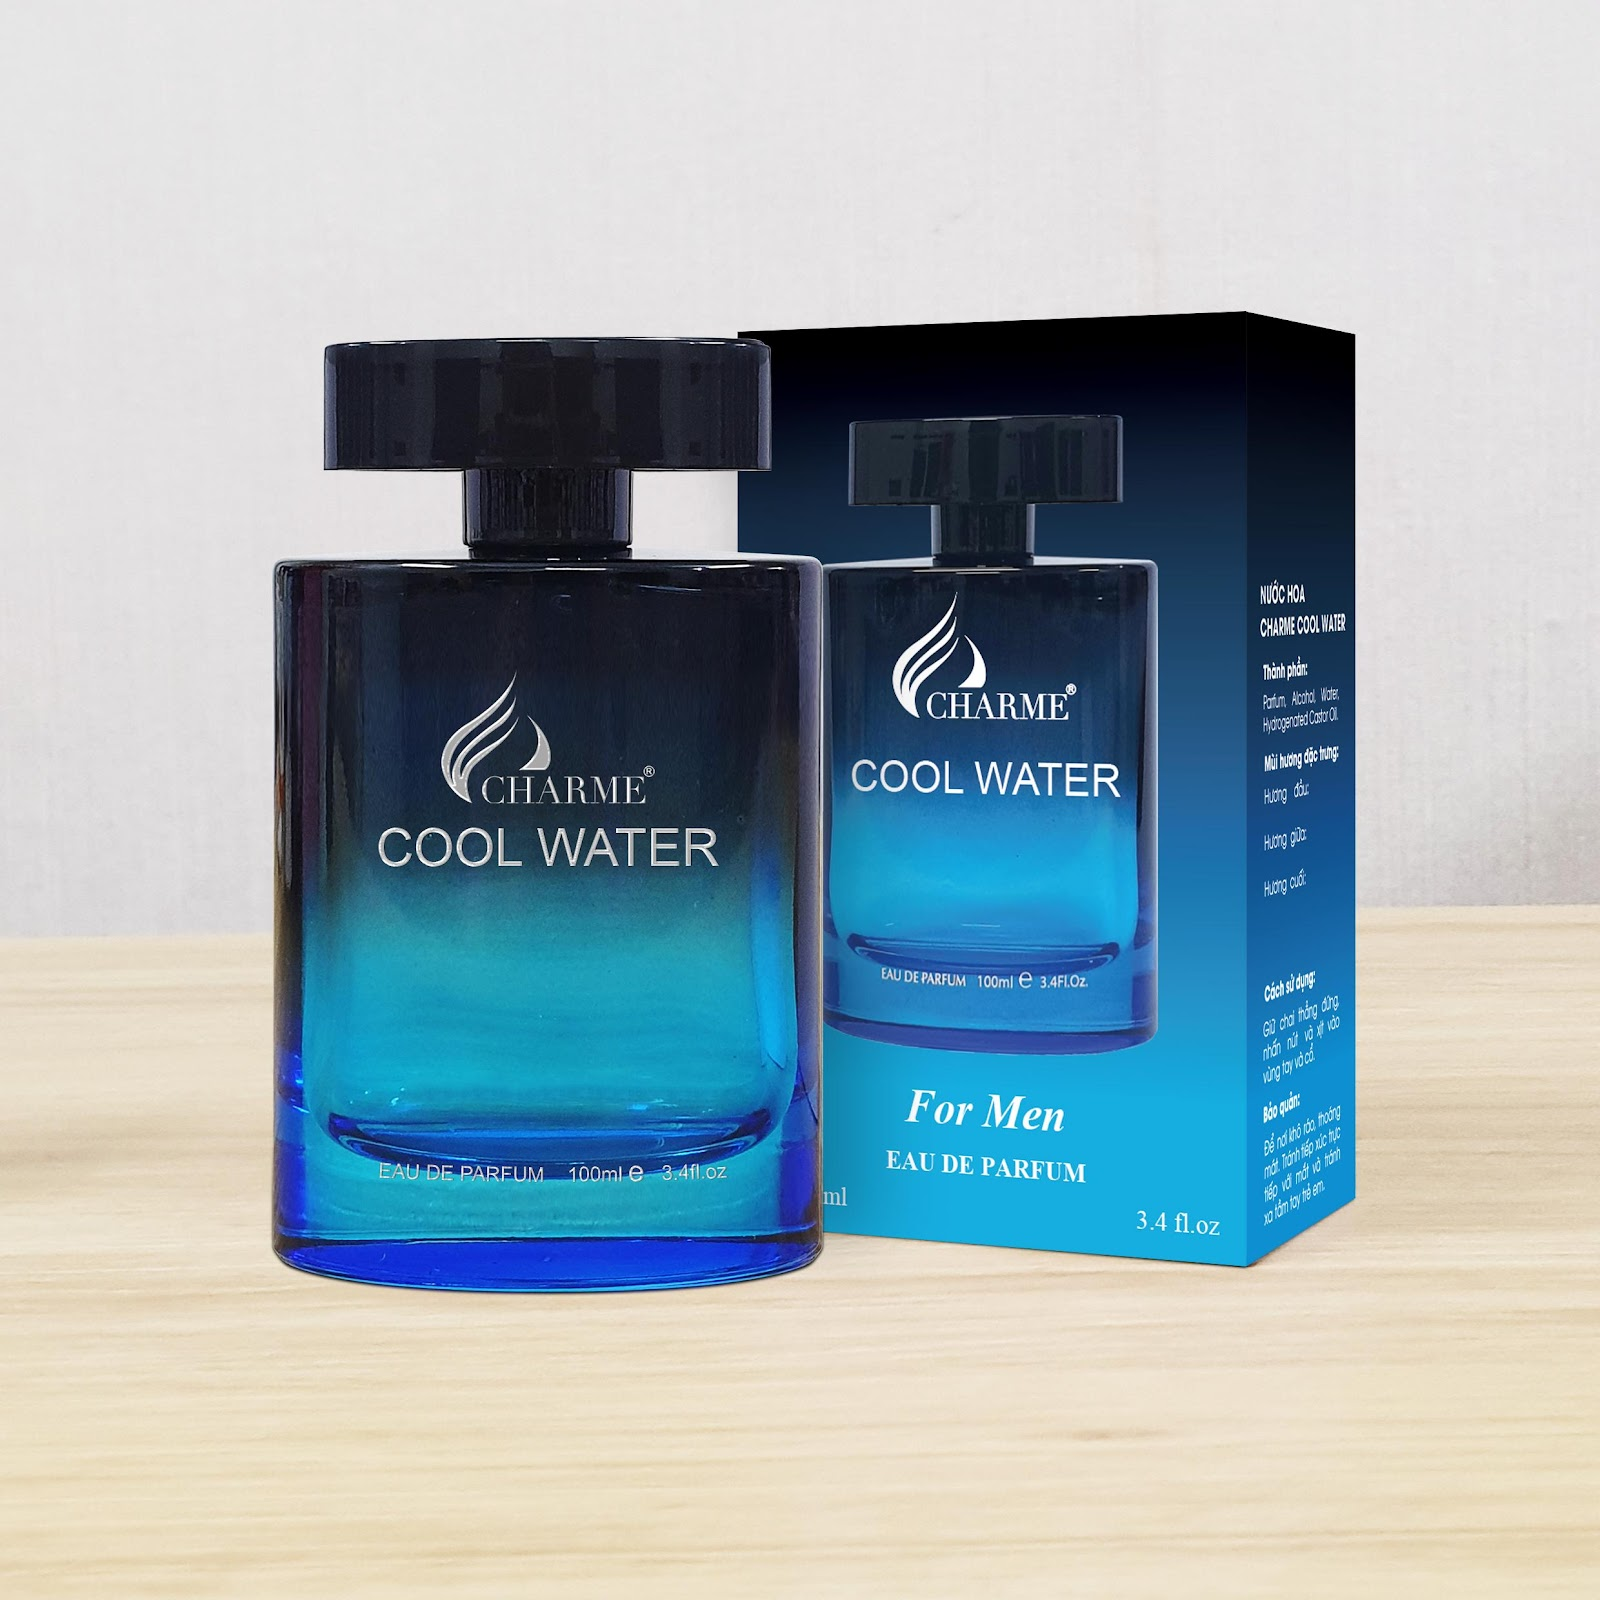 Nước Hoa Charme Cool Water 100ml Nam Chính Hãng✔️Tặng Quà Hot